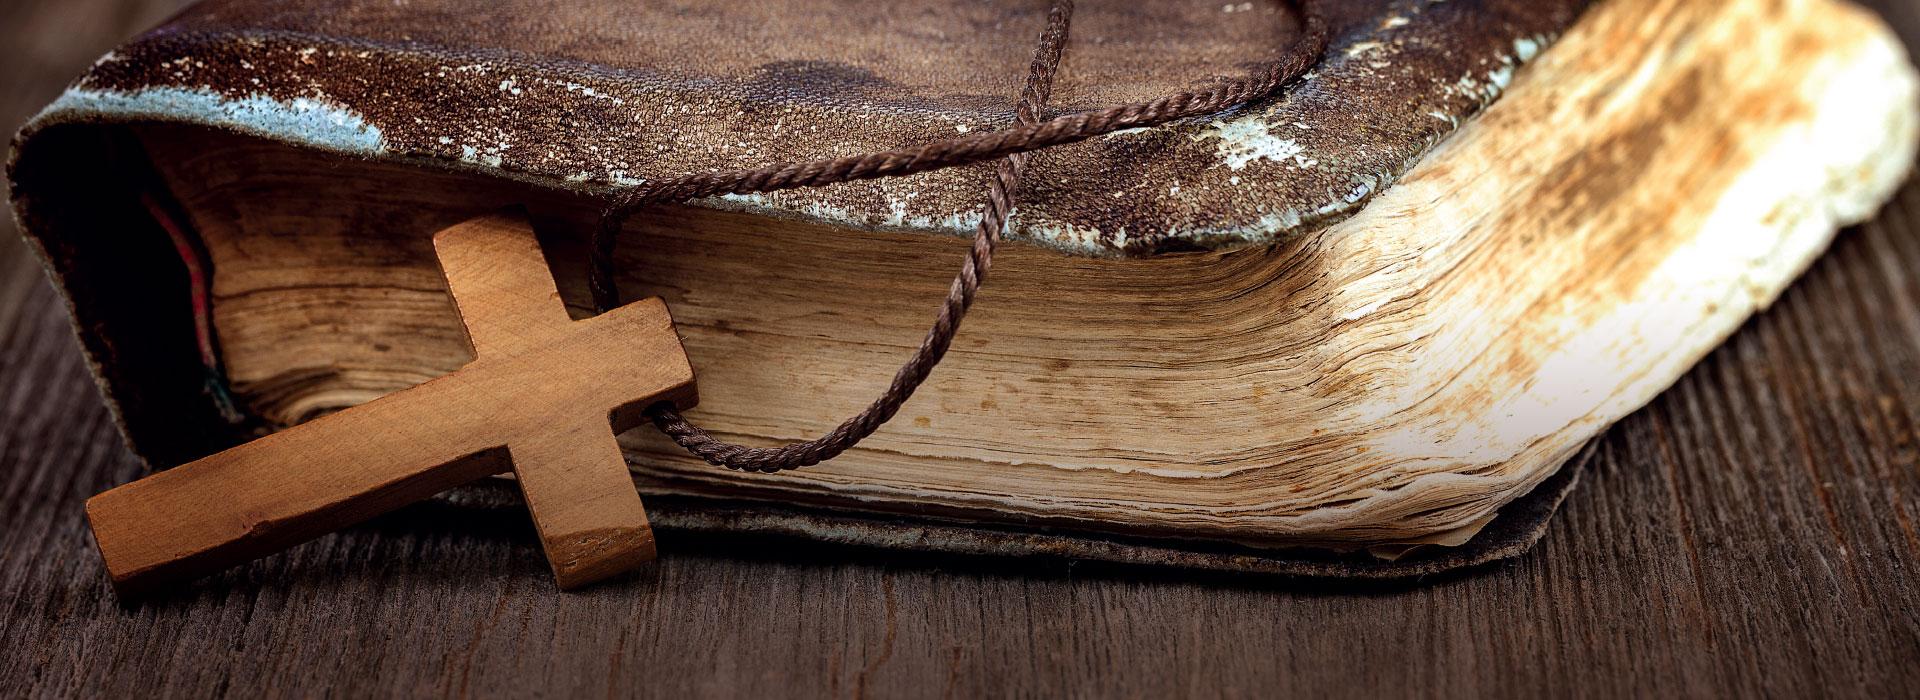 Fé, Amor, Sofrimento e o Retorno do Senhor